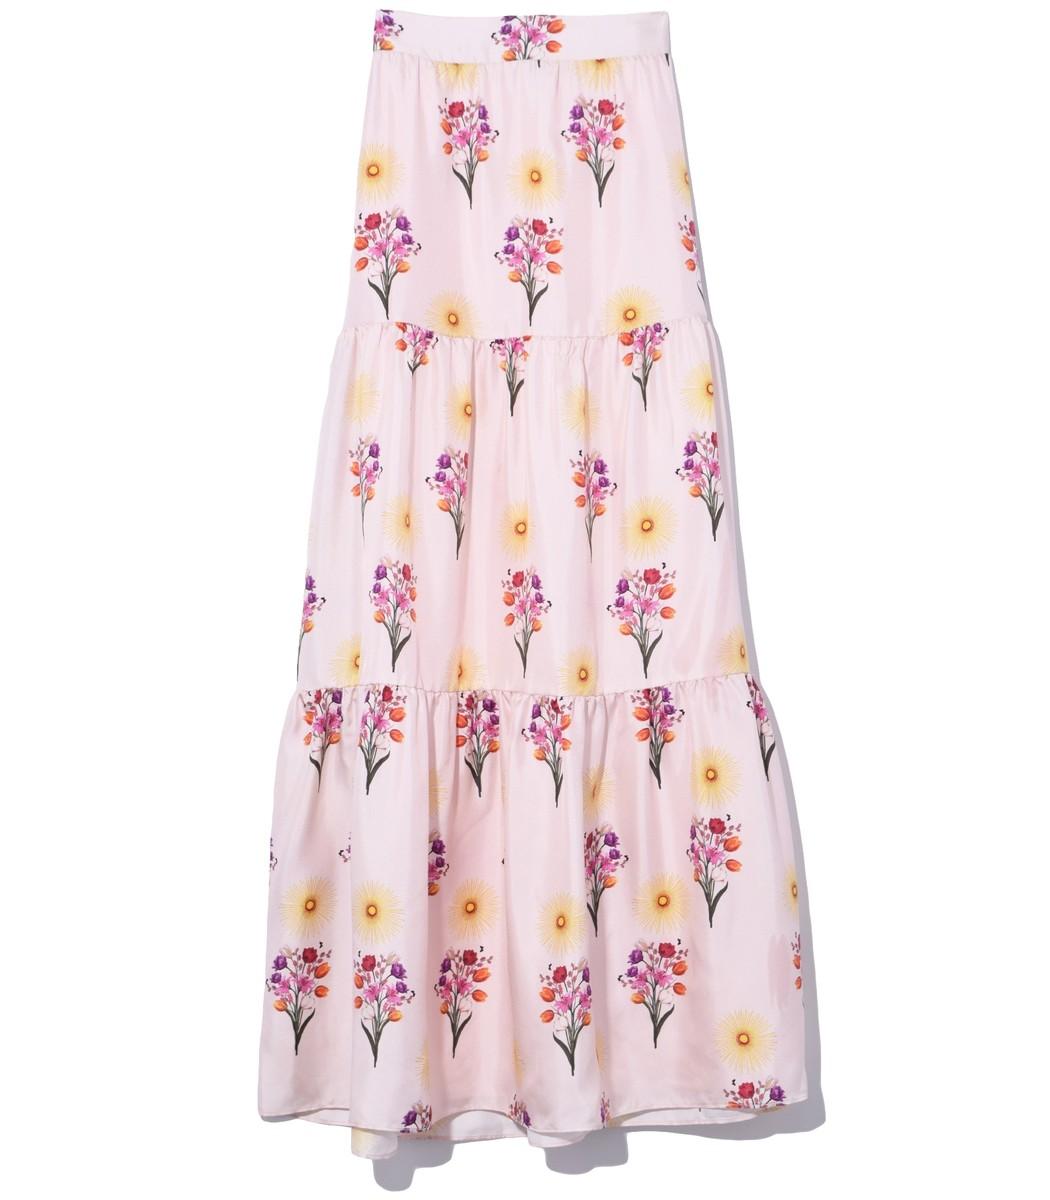 Borgo De Nor Pia Twill Skirt in Blush